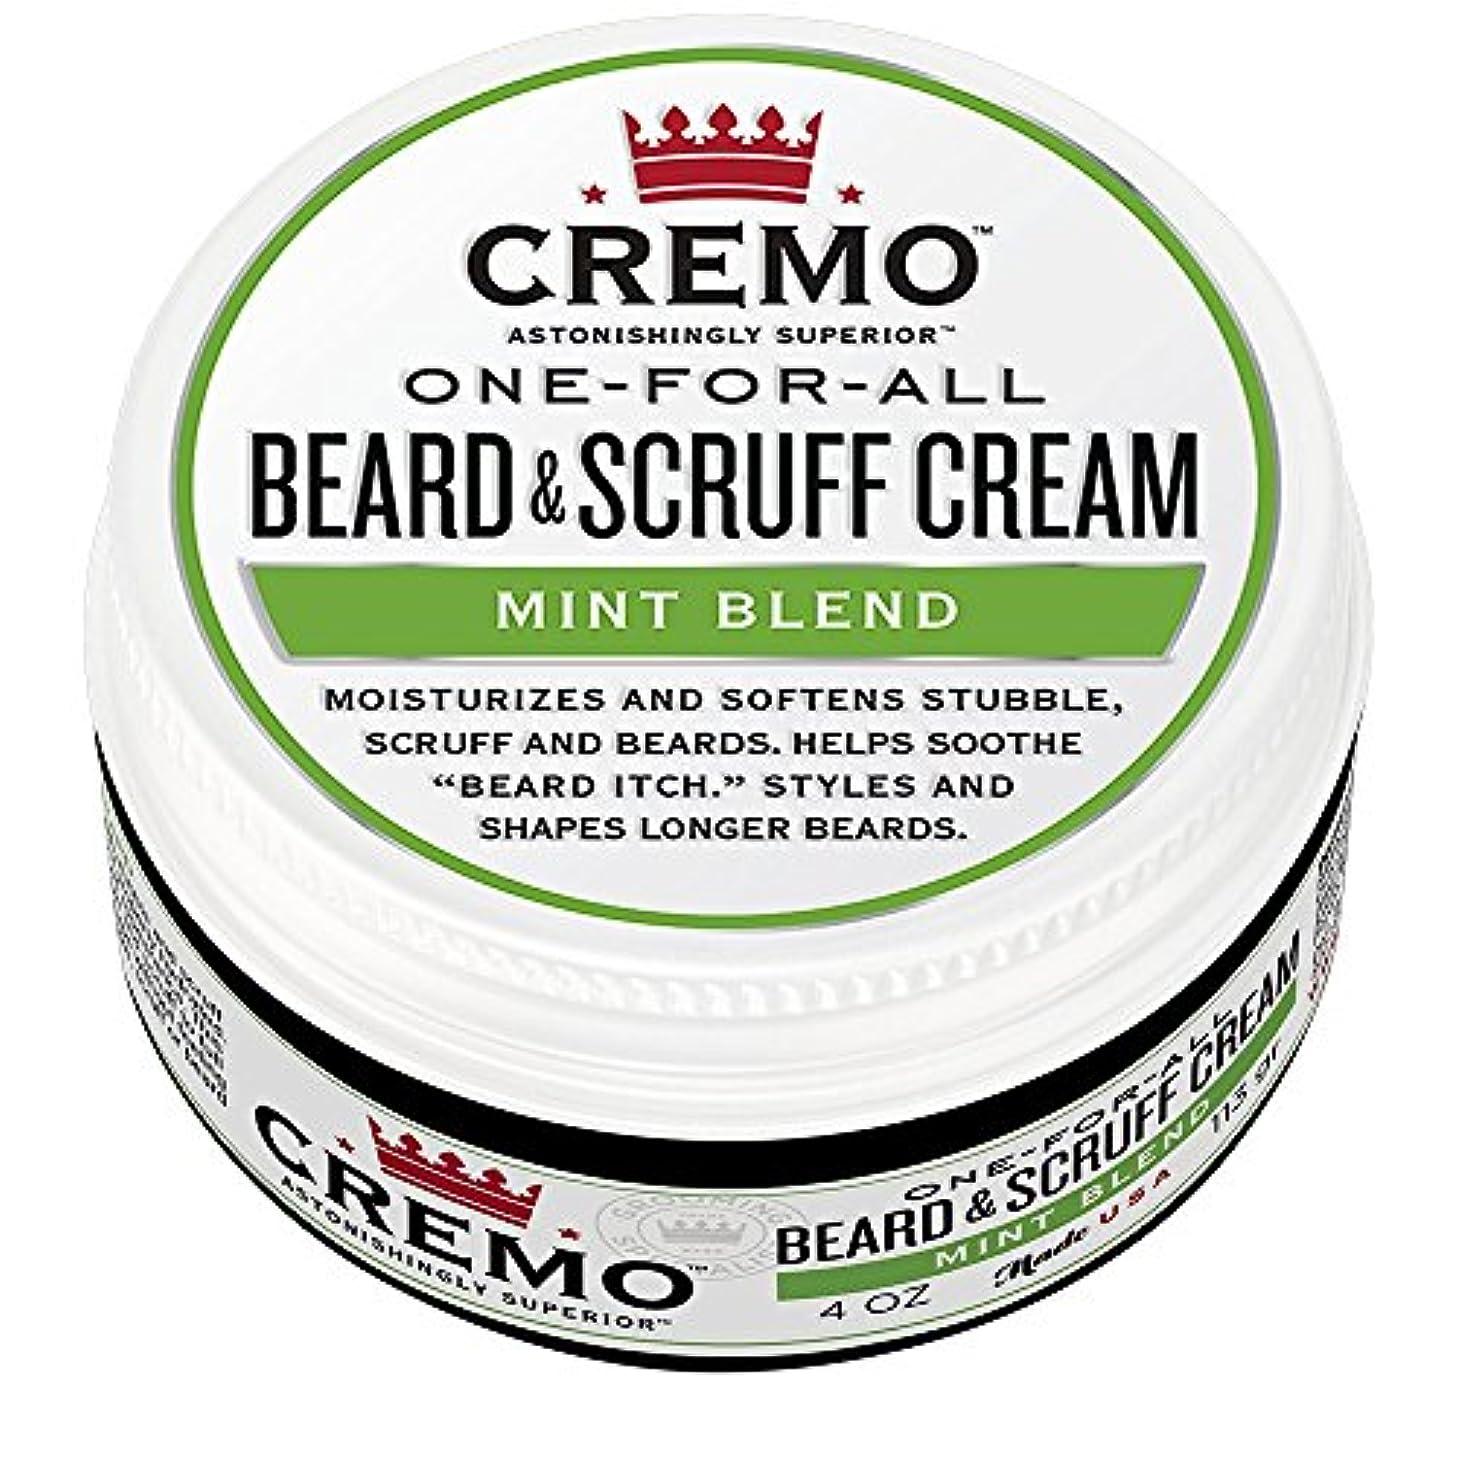 誰毒性共和党Cremo ビアード&首筋クリーム、ミントのブレンドの香り、潤い、スタイルとひげのすべての長さについてはビアードかゆみを軽減し、4オンスをブレンド、包装は変更になる場合があります